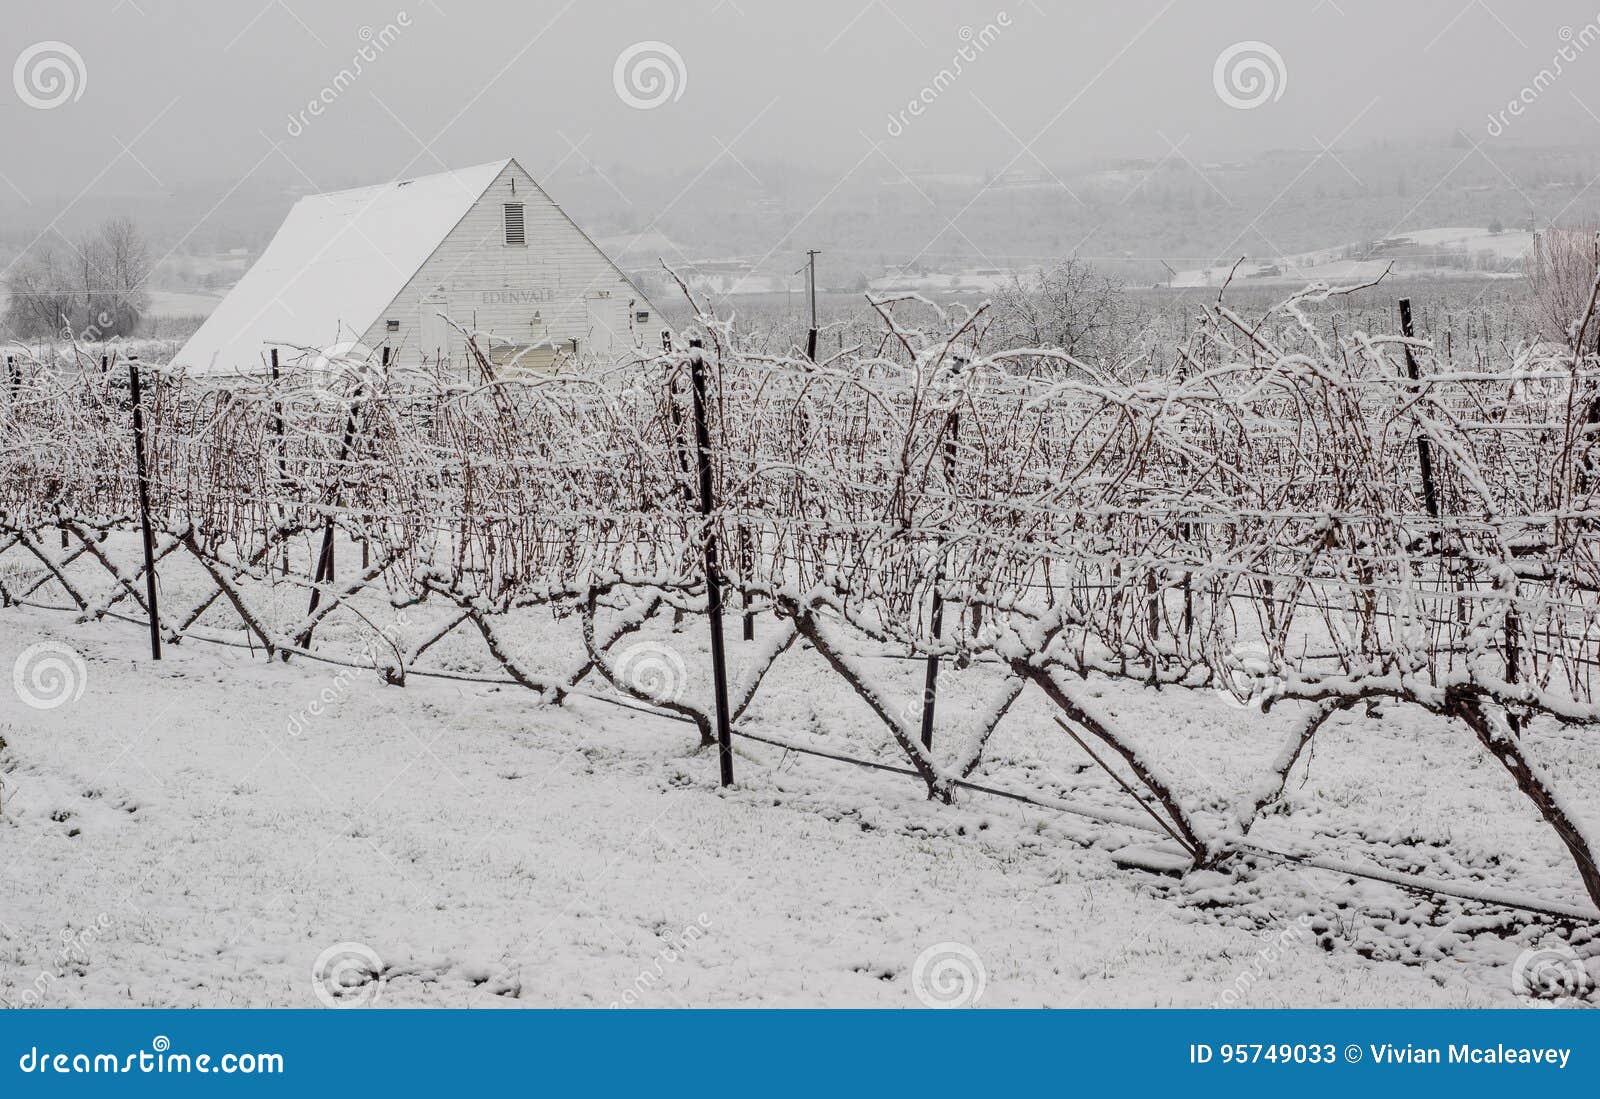 Winnicy obszar wiejski w zimie